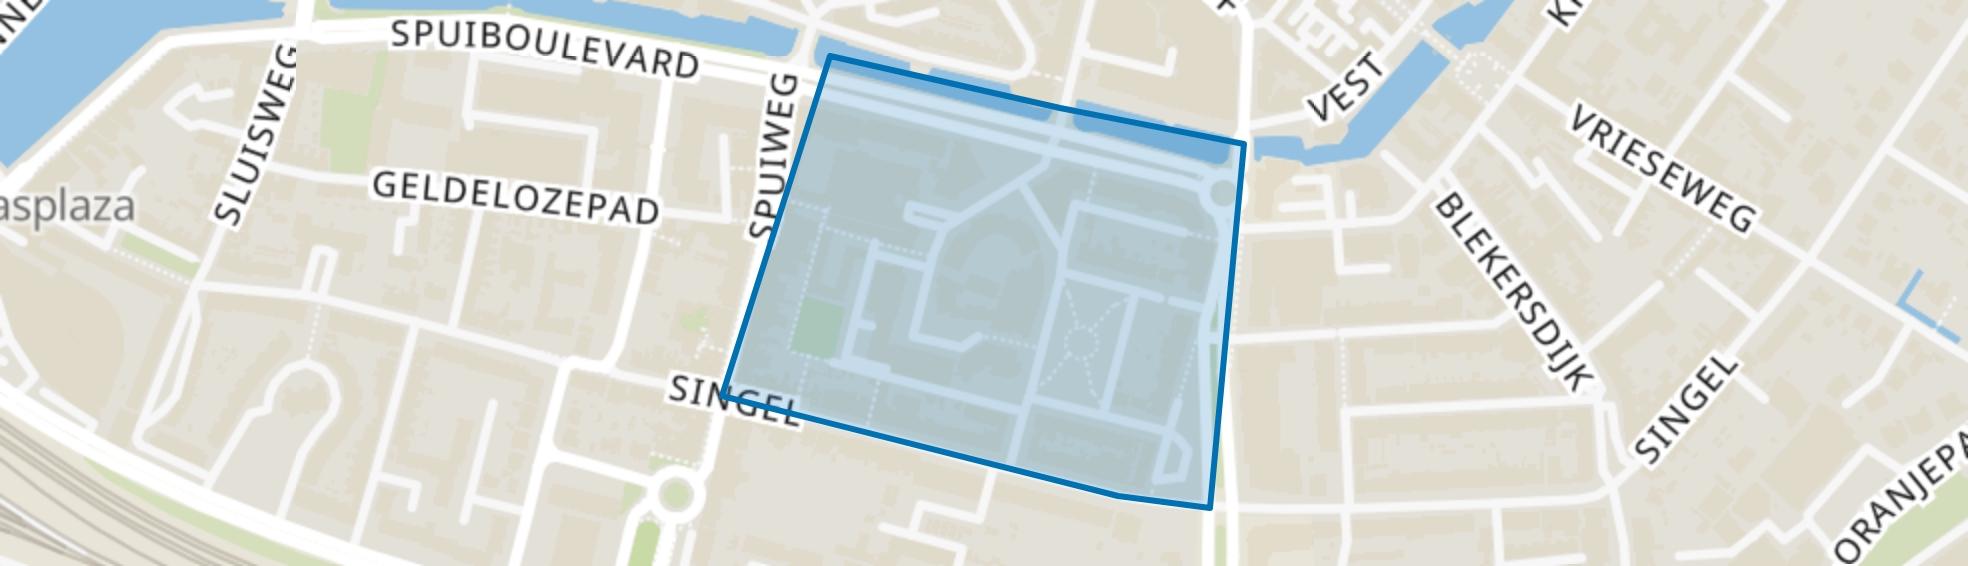 Beverwijcksplein en omgeving, Dordrecht map